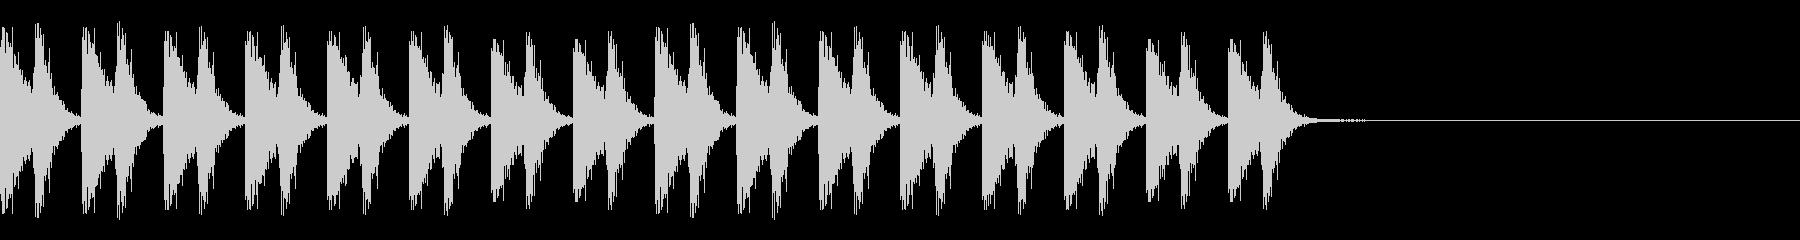 ロボット走るA07の未再生の波形